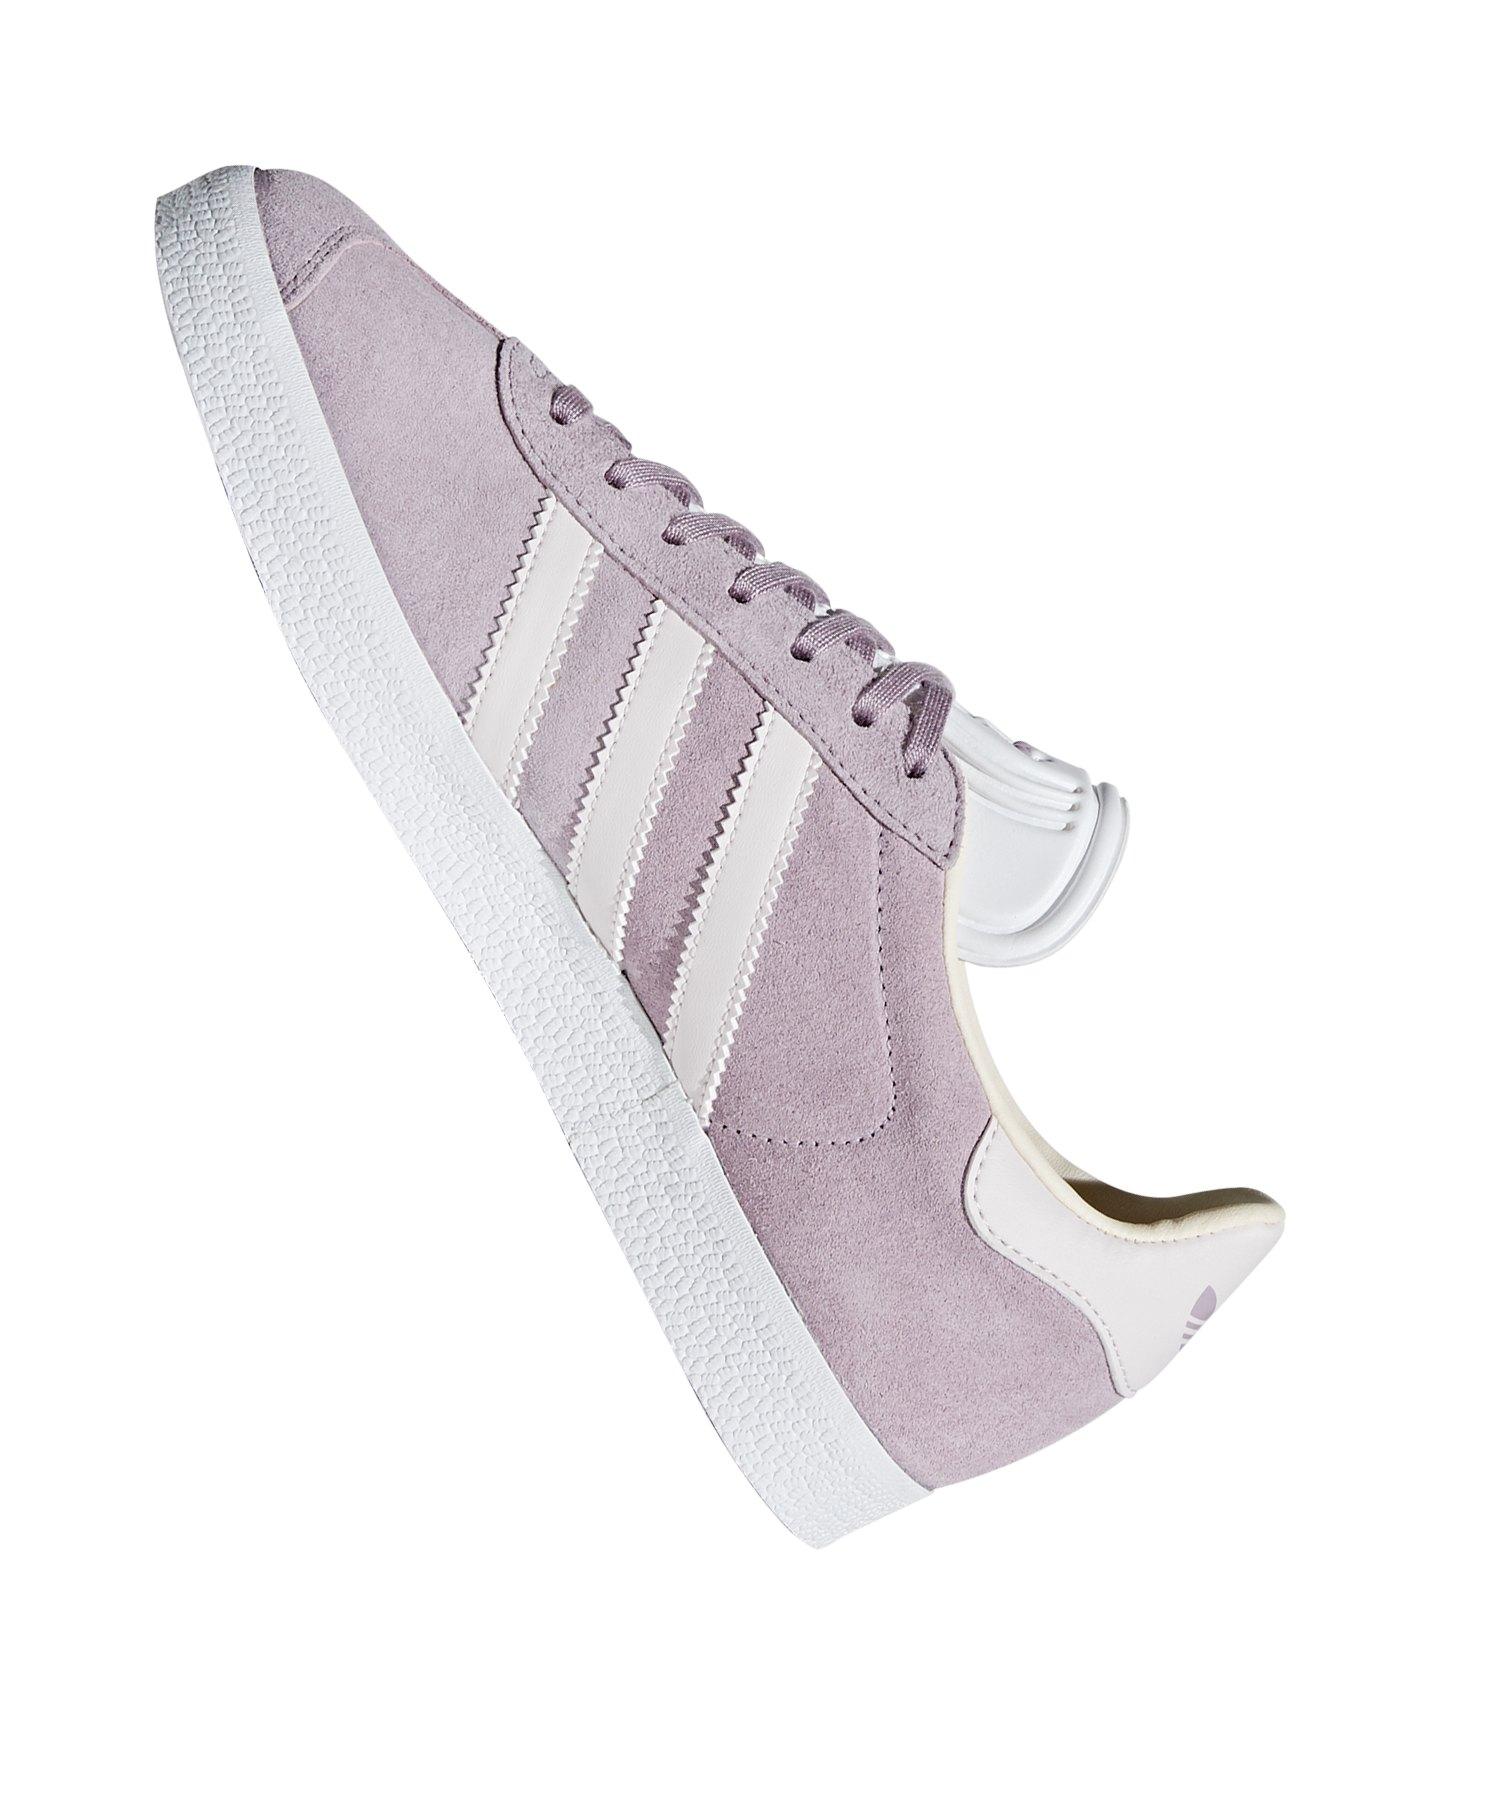 Weisslifestyle Gazelle Originals Adidas Damen Sneaker Grau